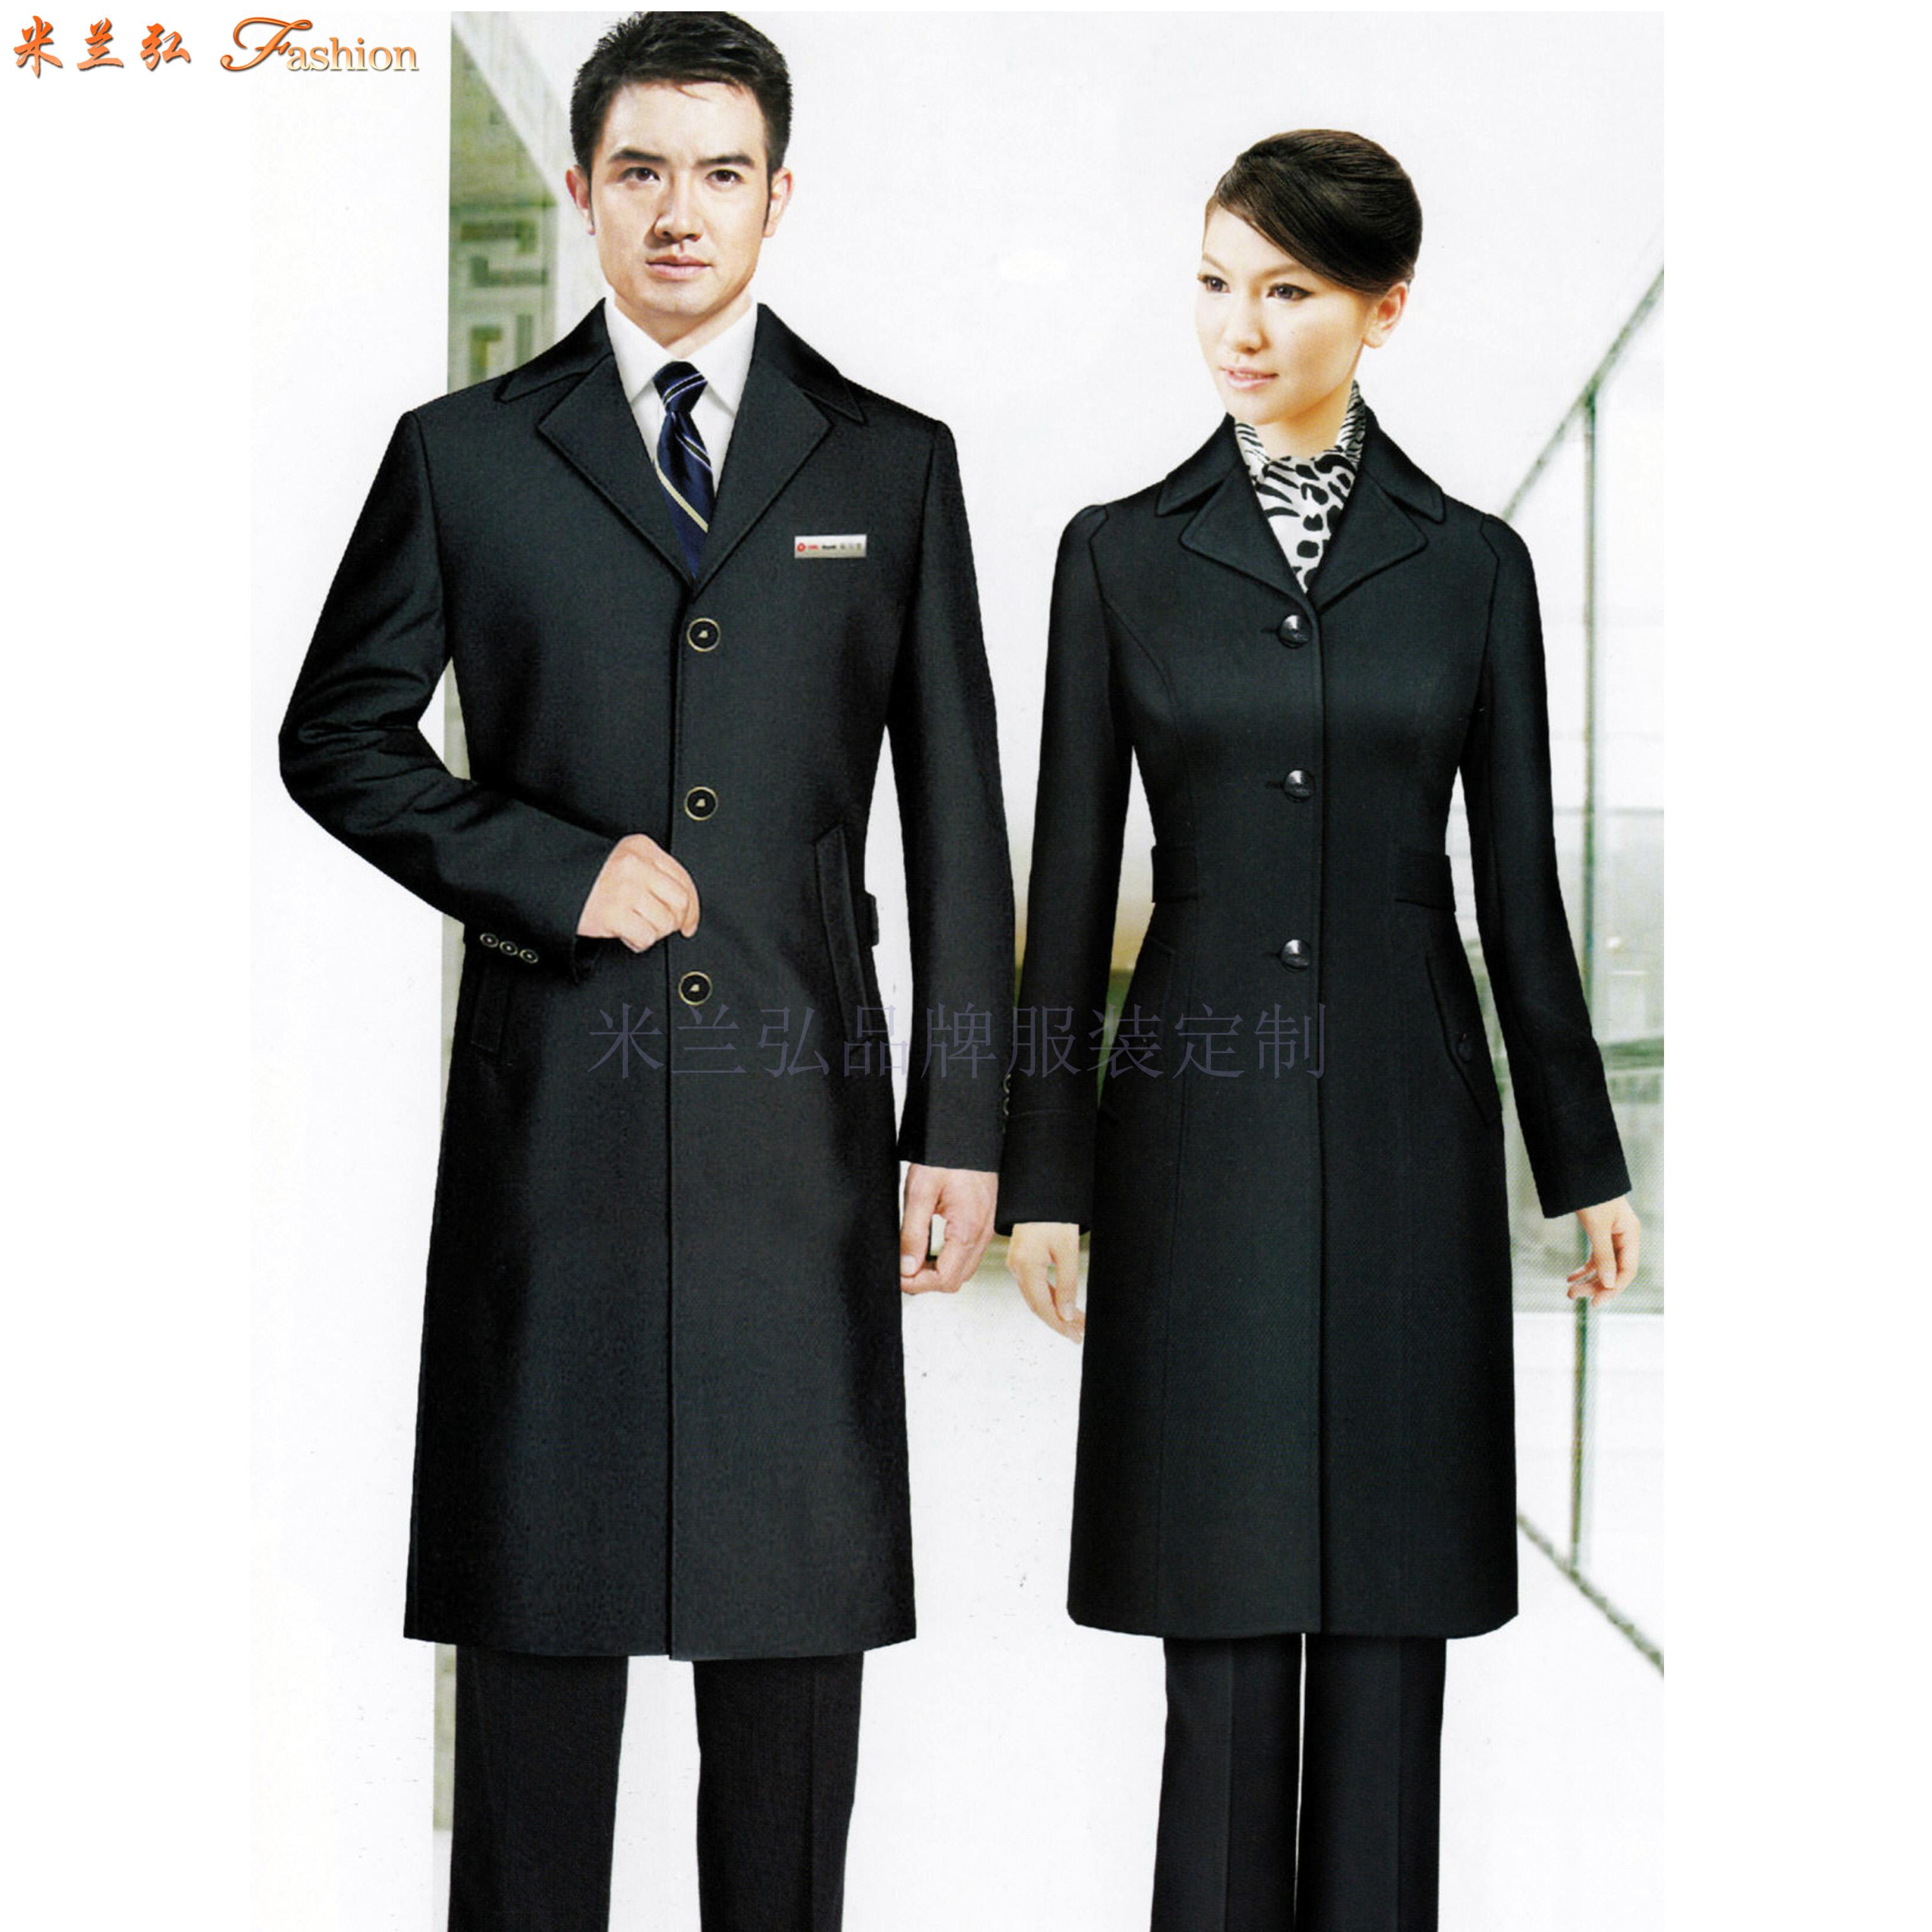 山西呢子大衣,山西羊毛呢子男女士大衣定做品牌-2